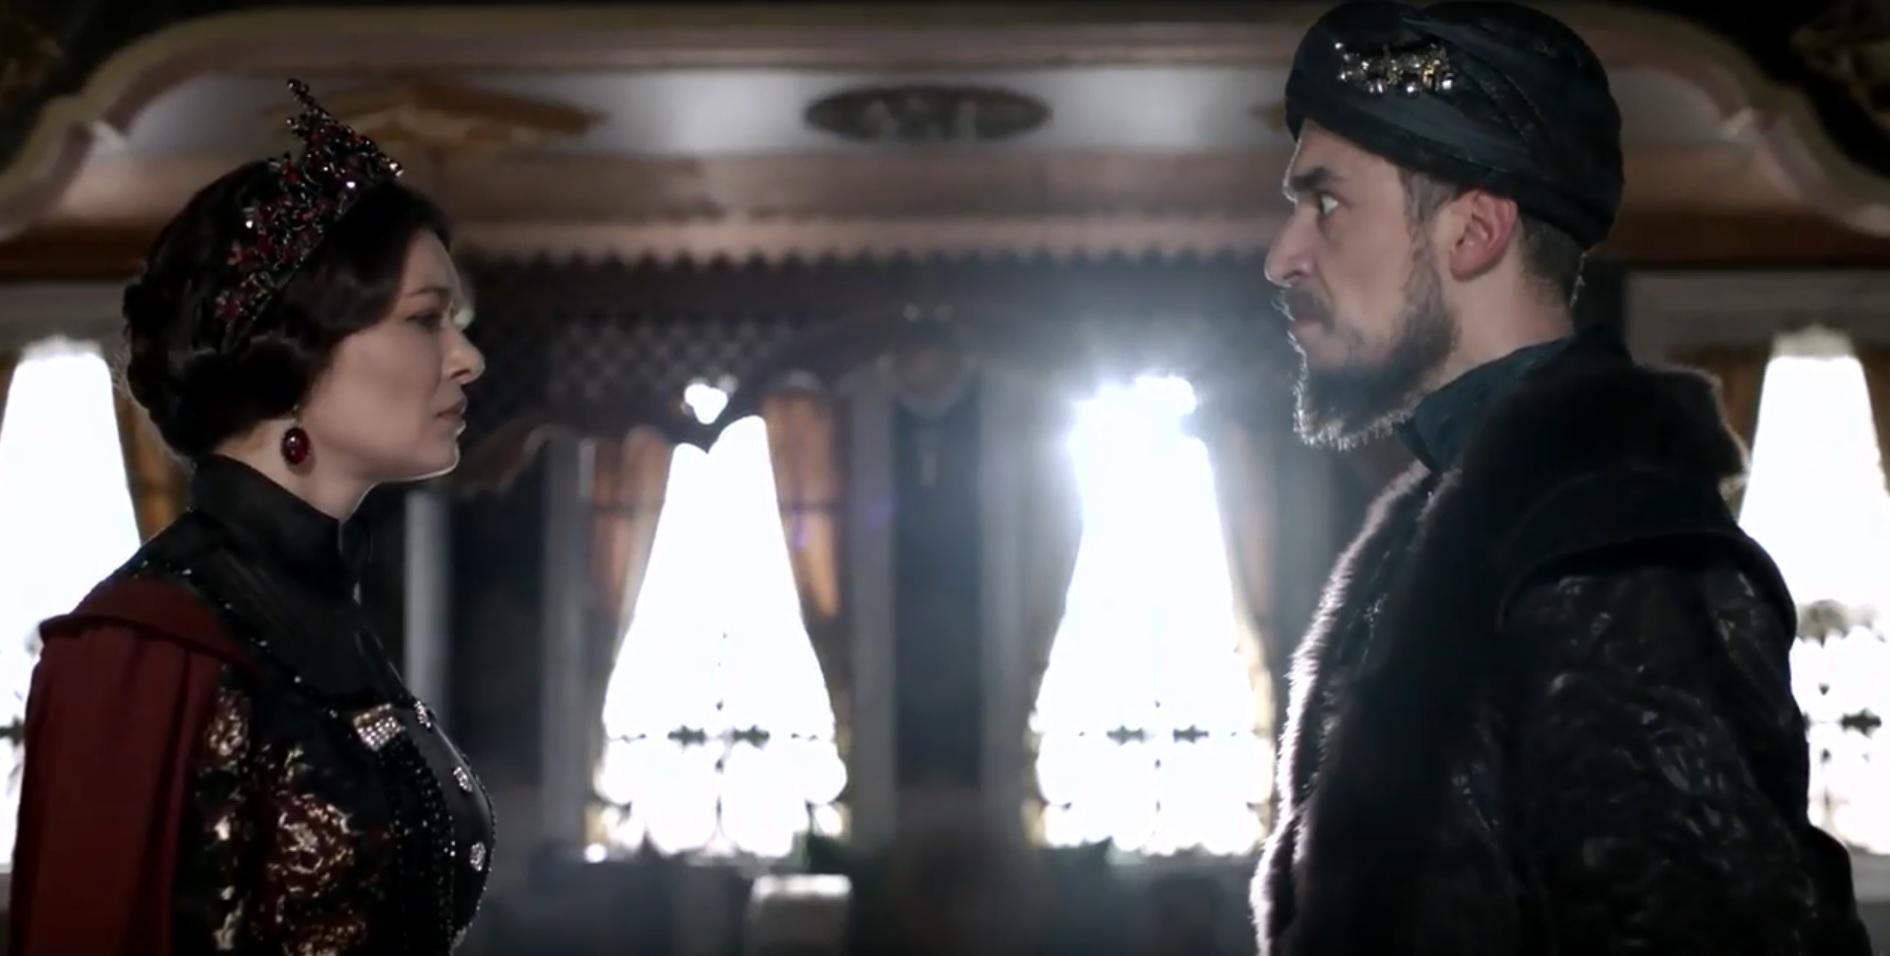 Султан Ибрагим I Безумный - его реальная биография. Великолепный век 7